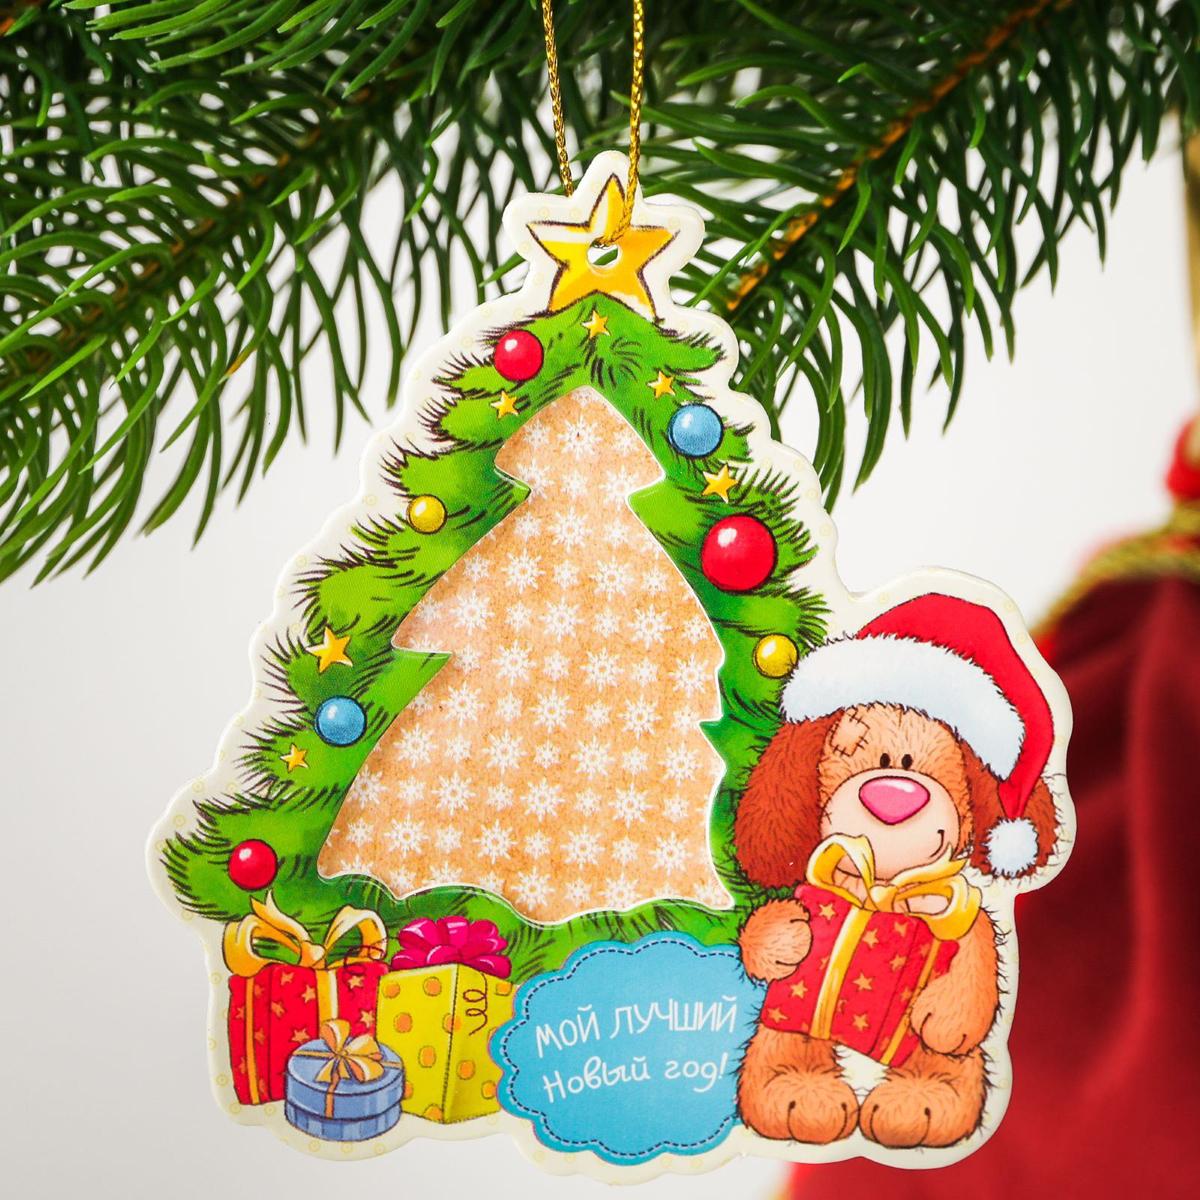 Подвеска фоторамка Мой лучший Новый год, 8,3 х 9,2 см2239828Новый год — теплый семейный праздник. Оригинальная подвеска с фотографией близких и любимых станет самым лучшим украшением елочки или сувениром для родных.